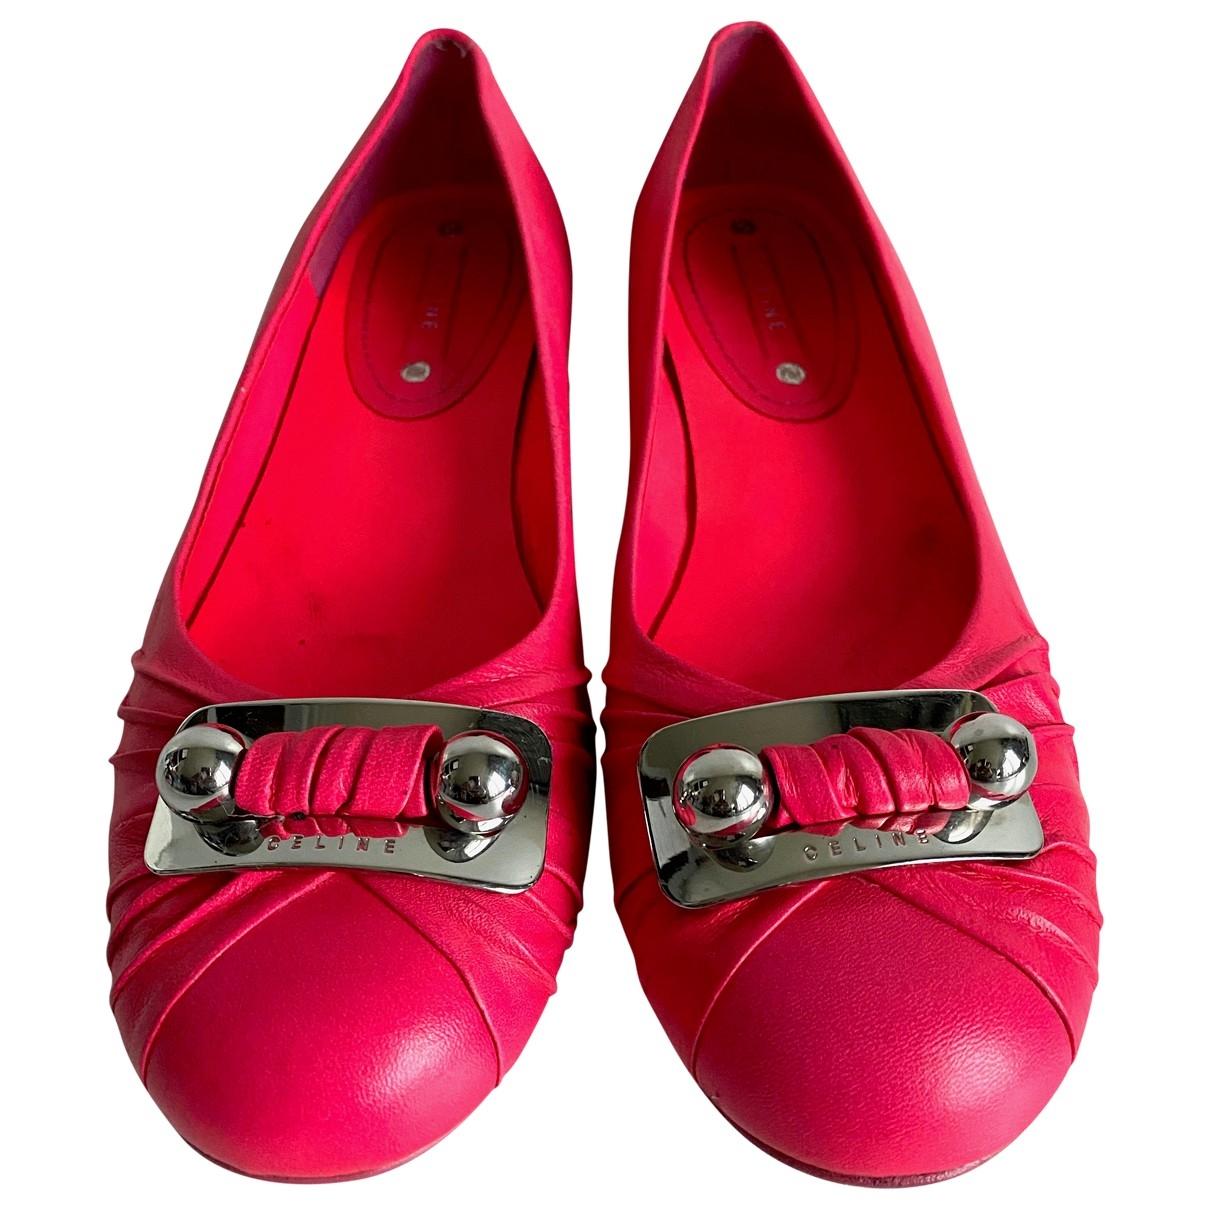 Bailarinas de Cuero Celine